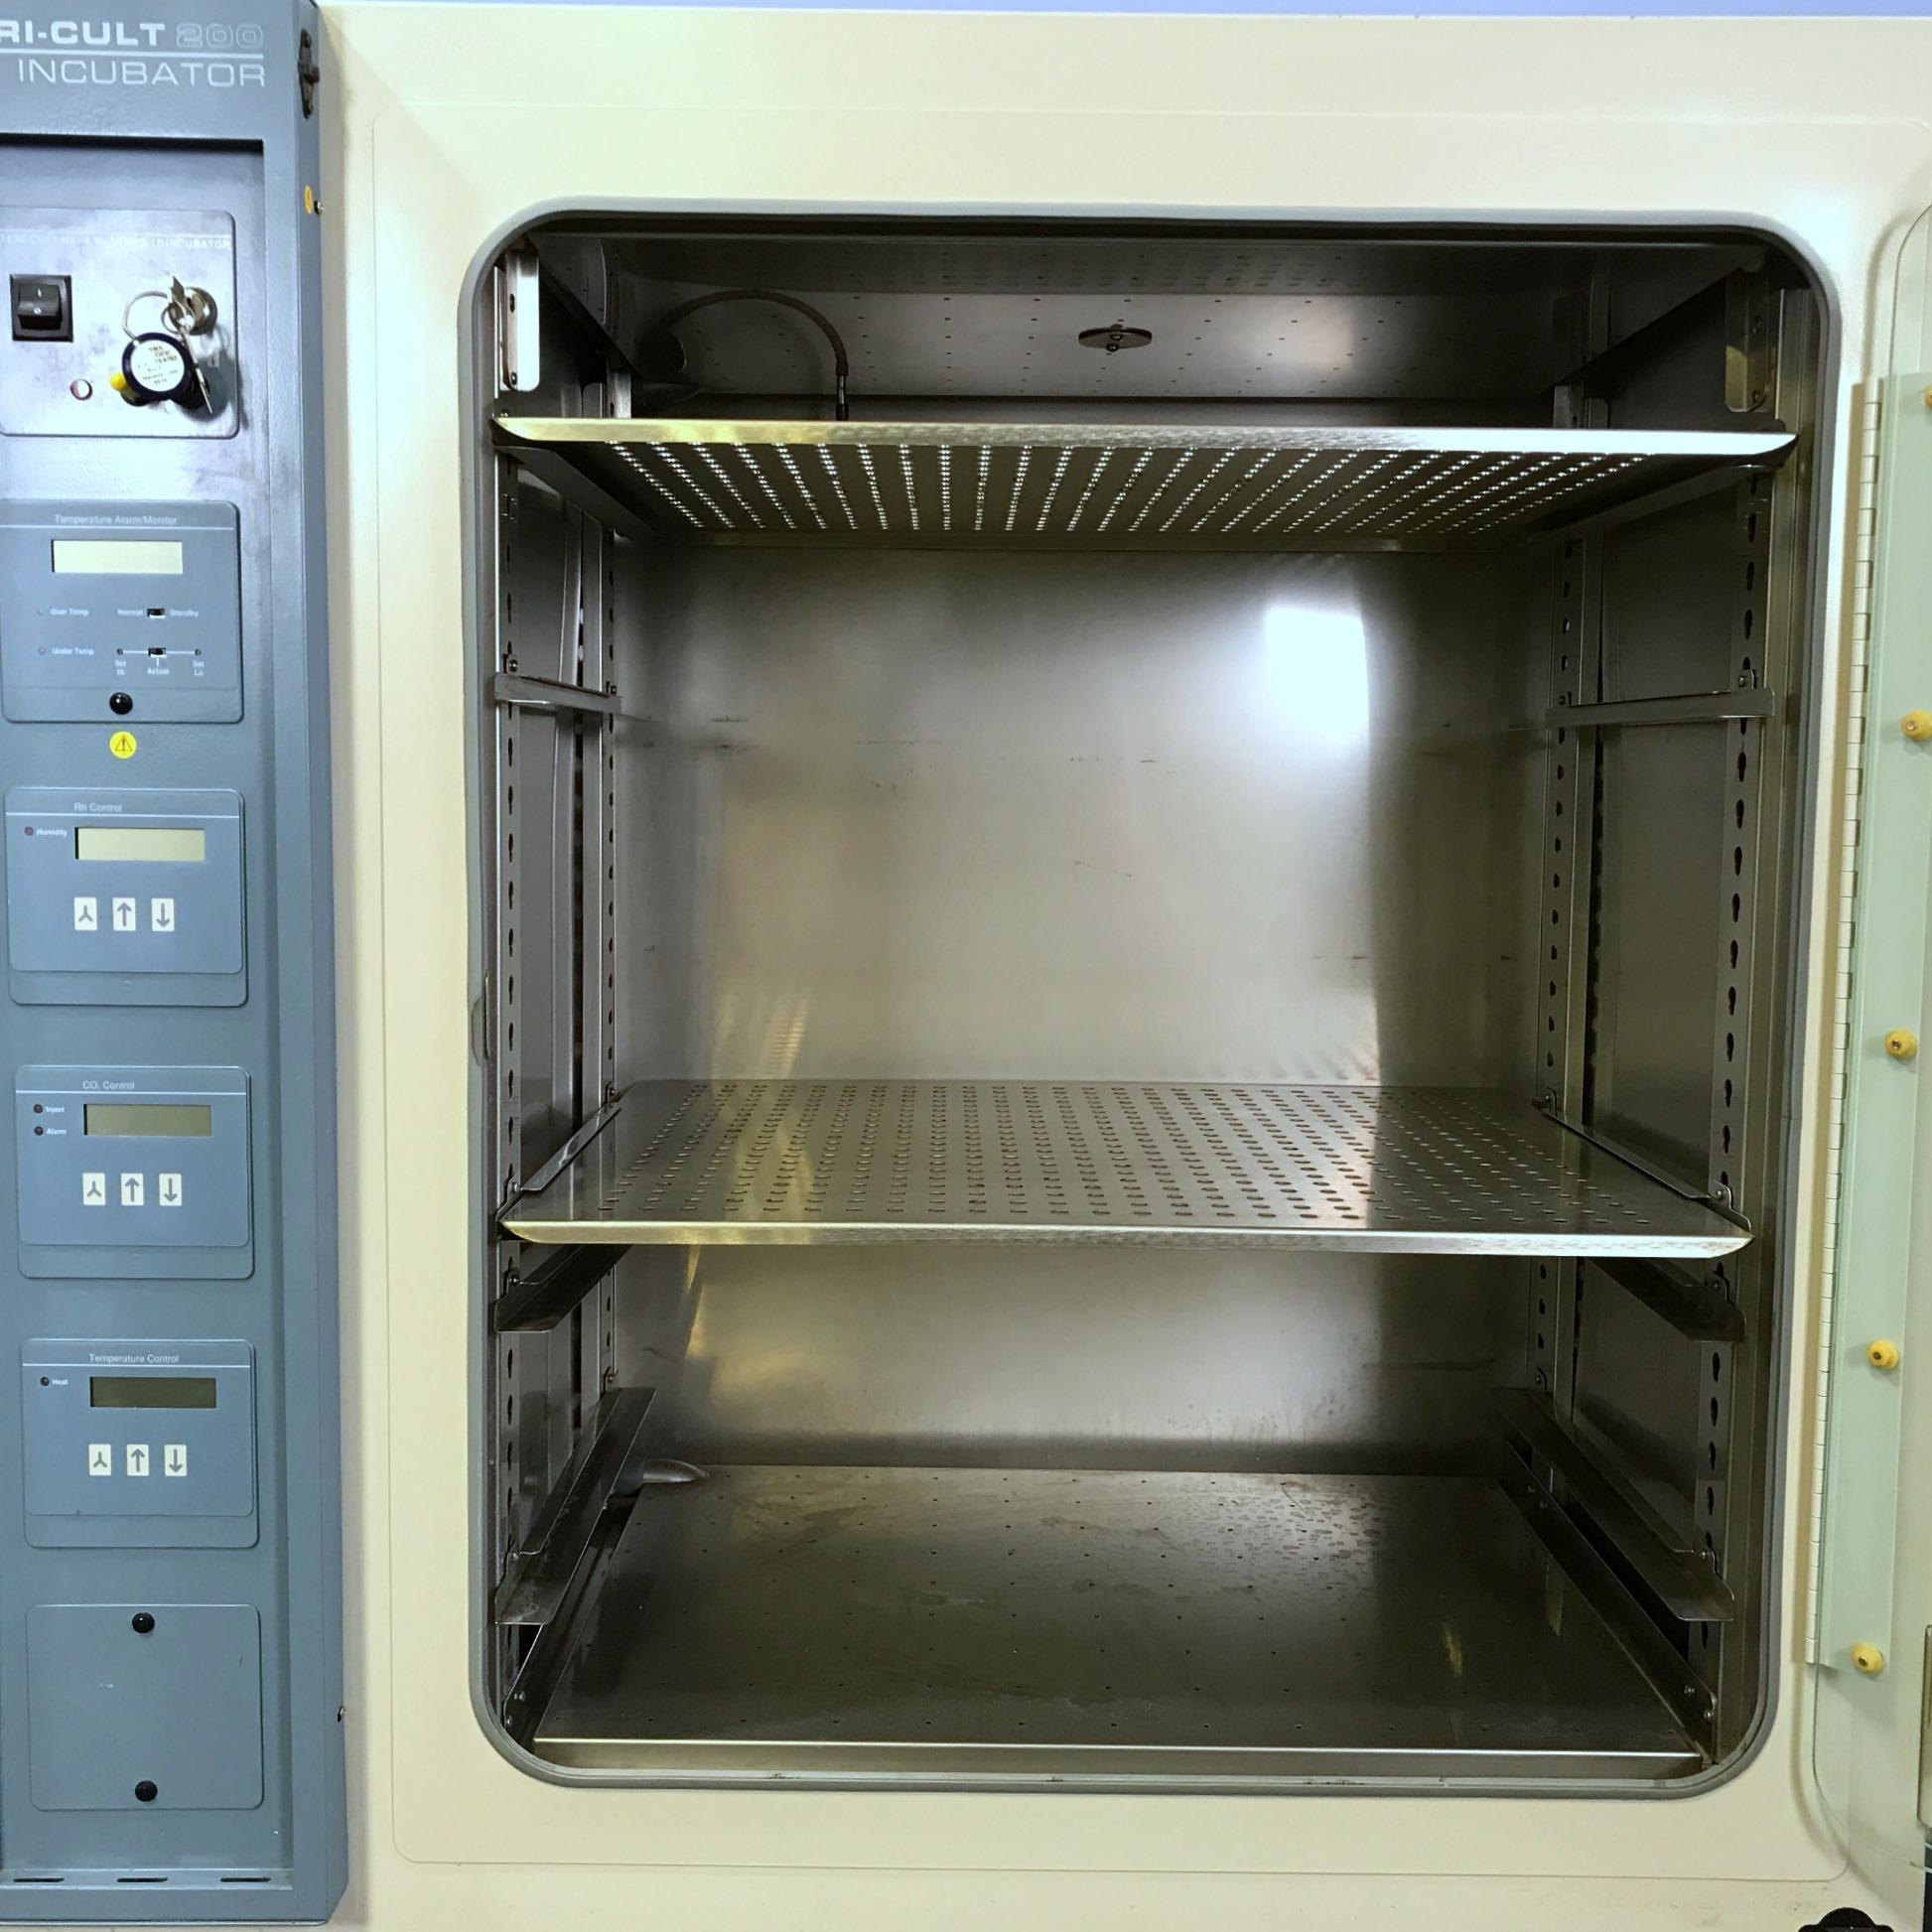 Forma Scientific 3033 Steri-Cult 200 CO2 Incubator Image